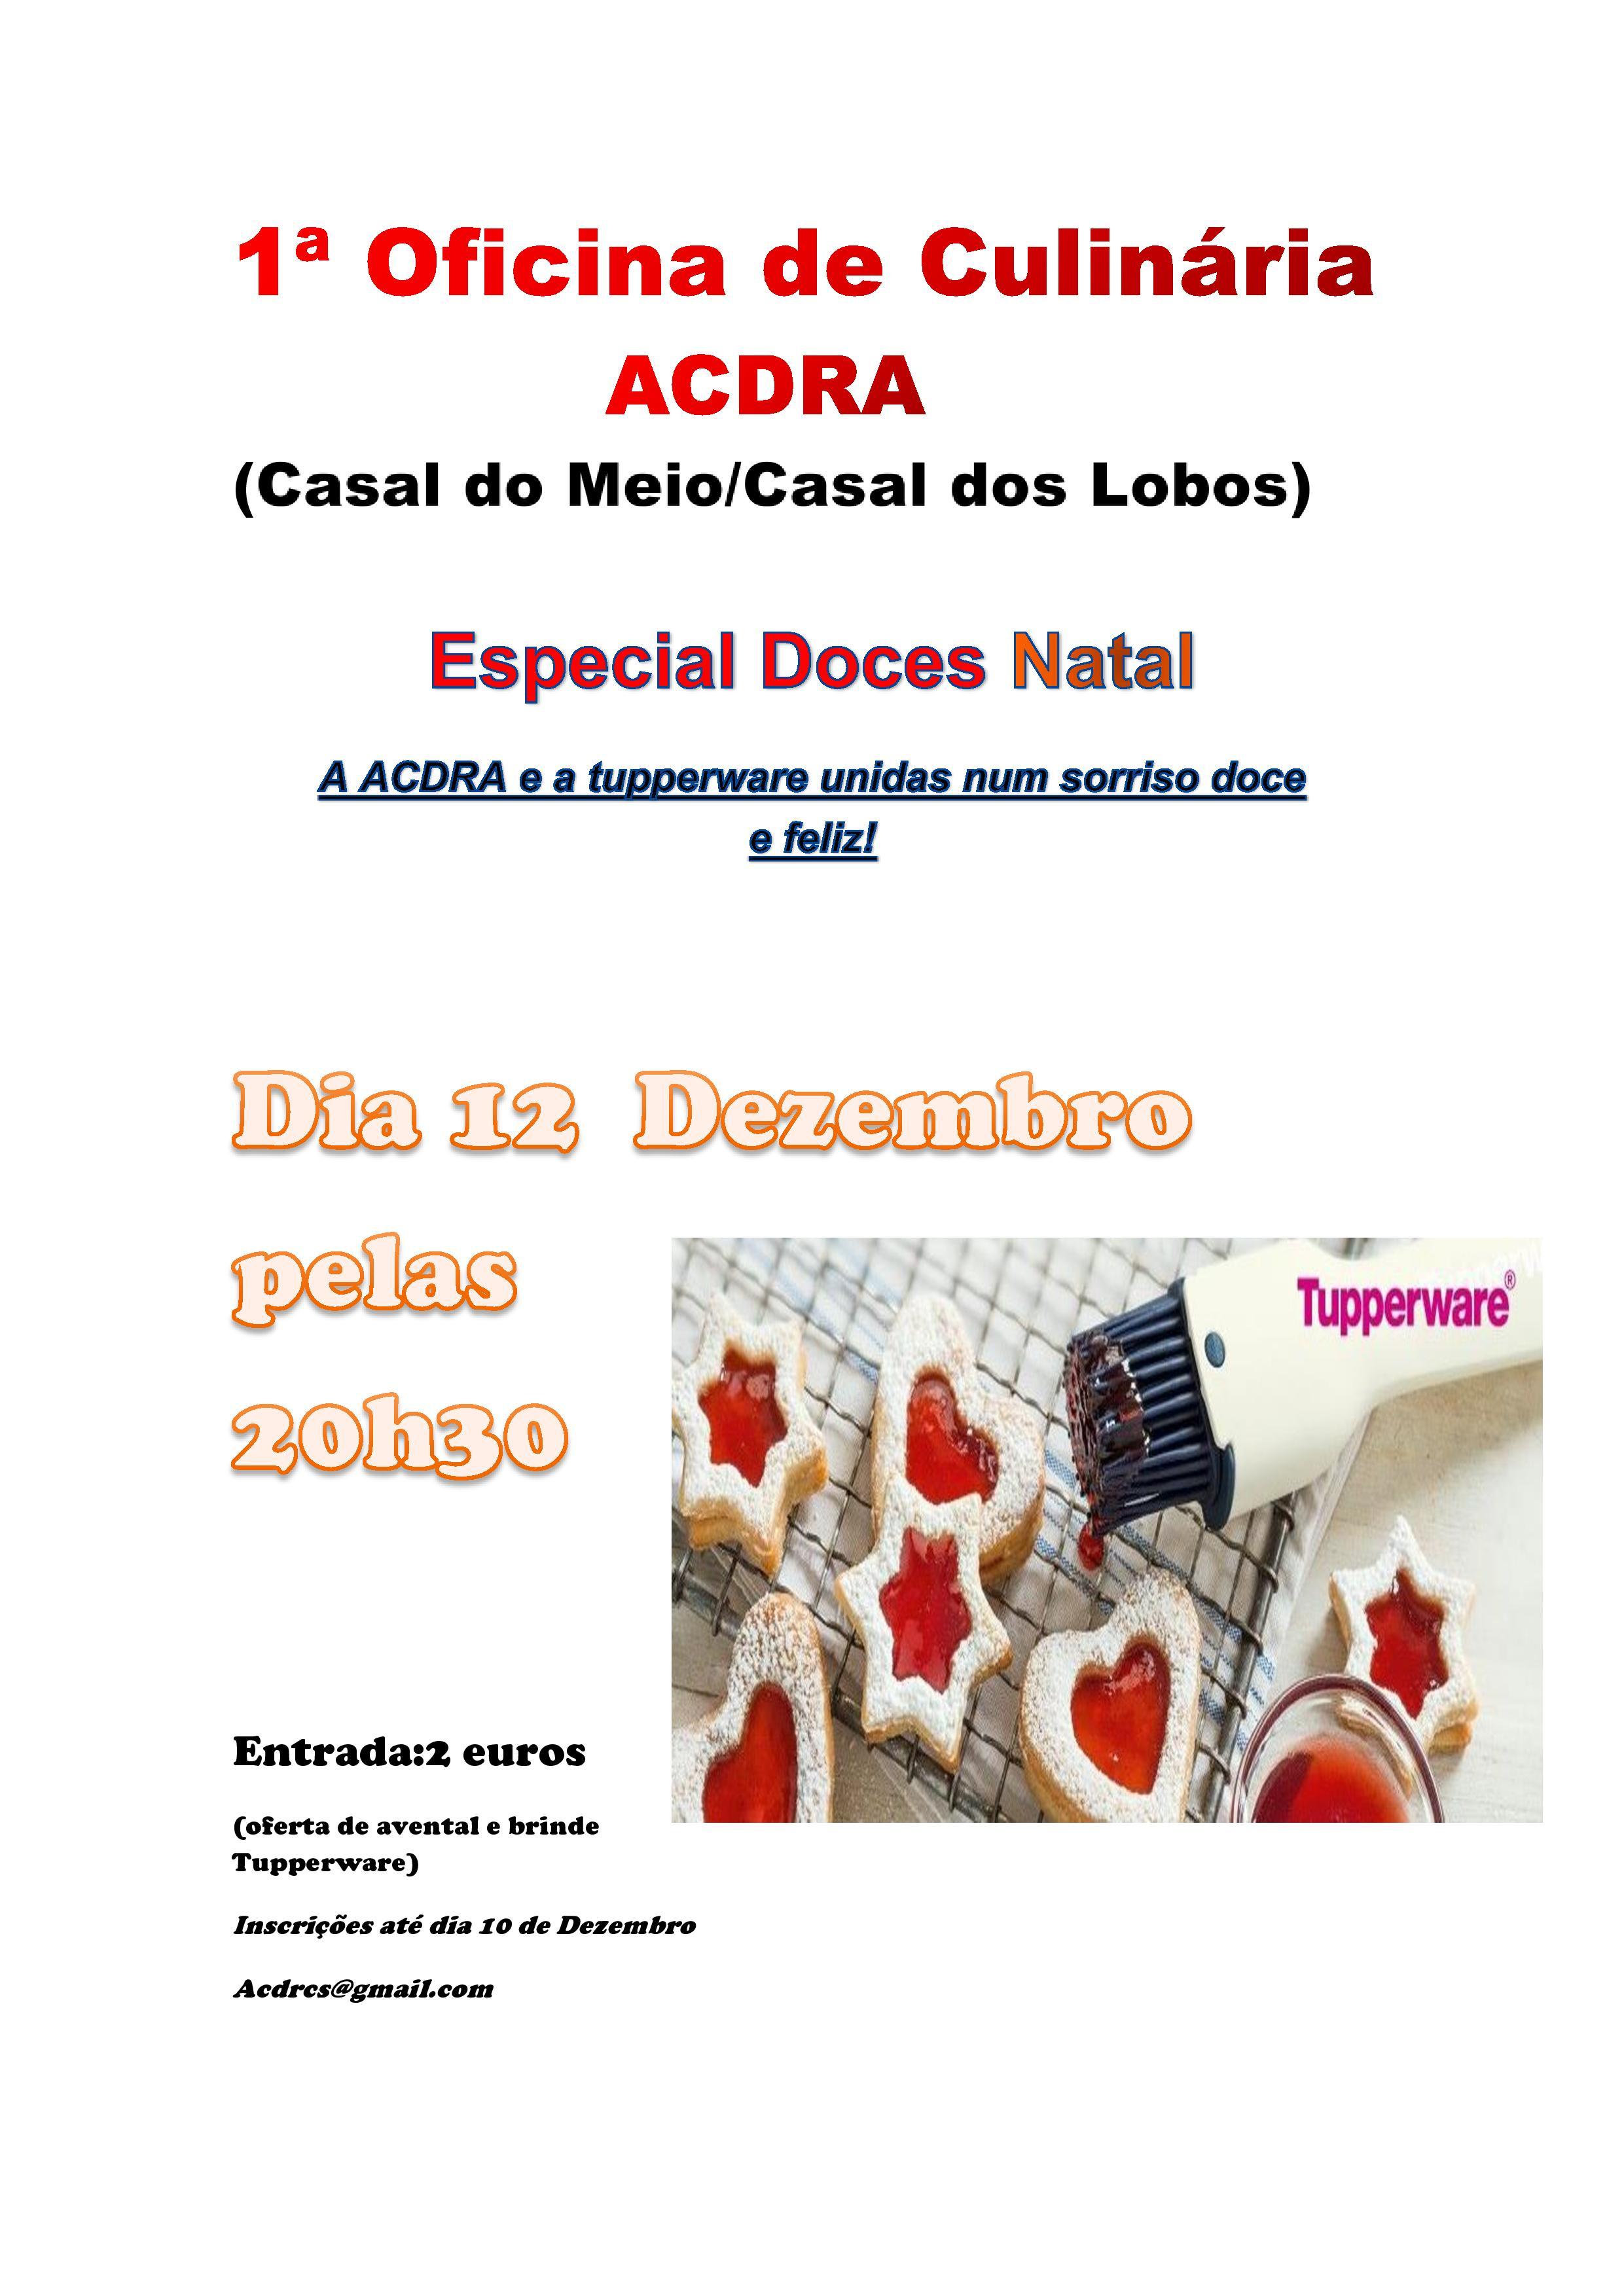 1ªOficina de Culinária da ACDRA